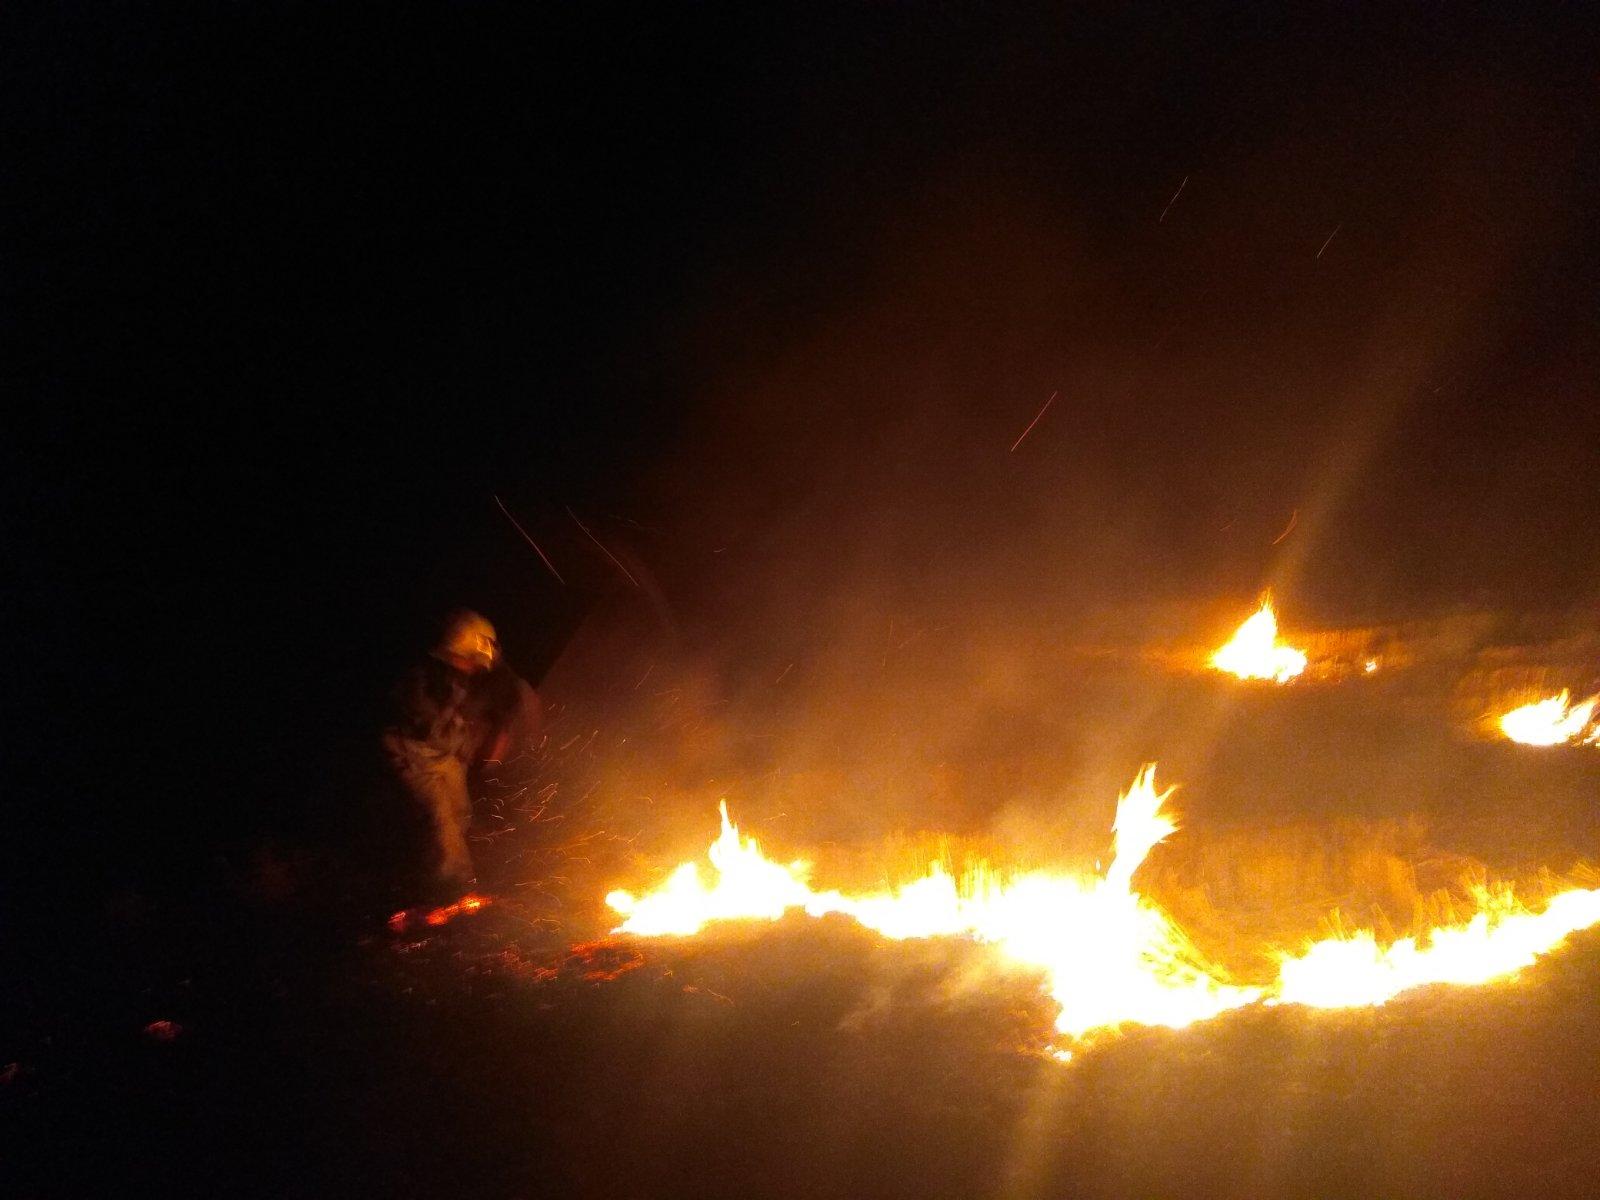 В Сквирському районі масово горять поля - сквира пожежі, Сквира, ГУ ДСНС у Київськійобласті - IMG bc940a37ee7c58b5a8fcceb8d2032d9f V